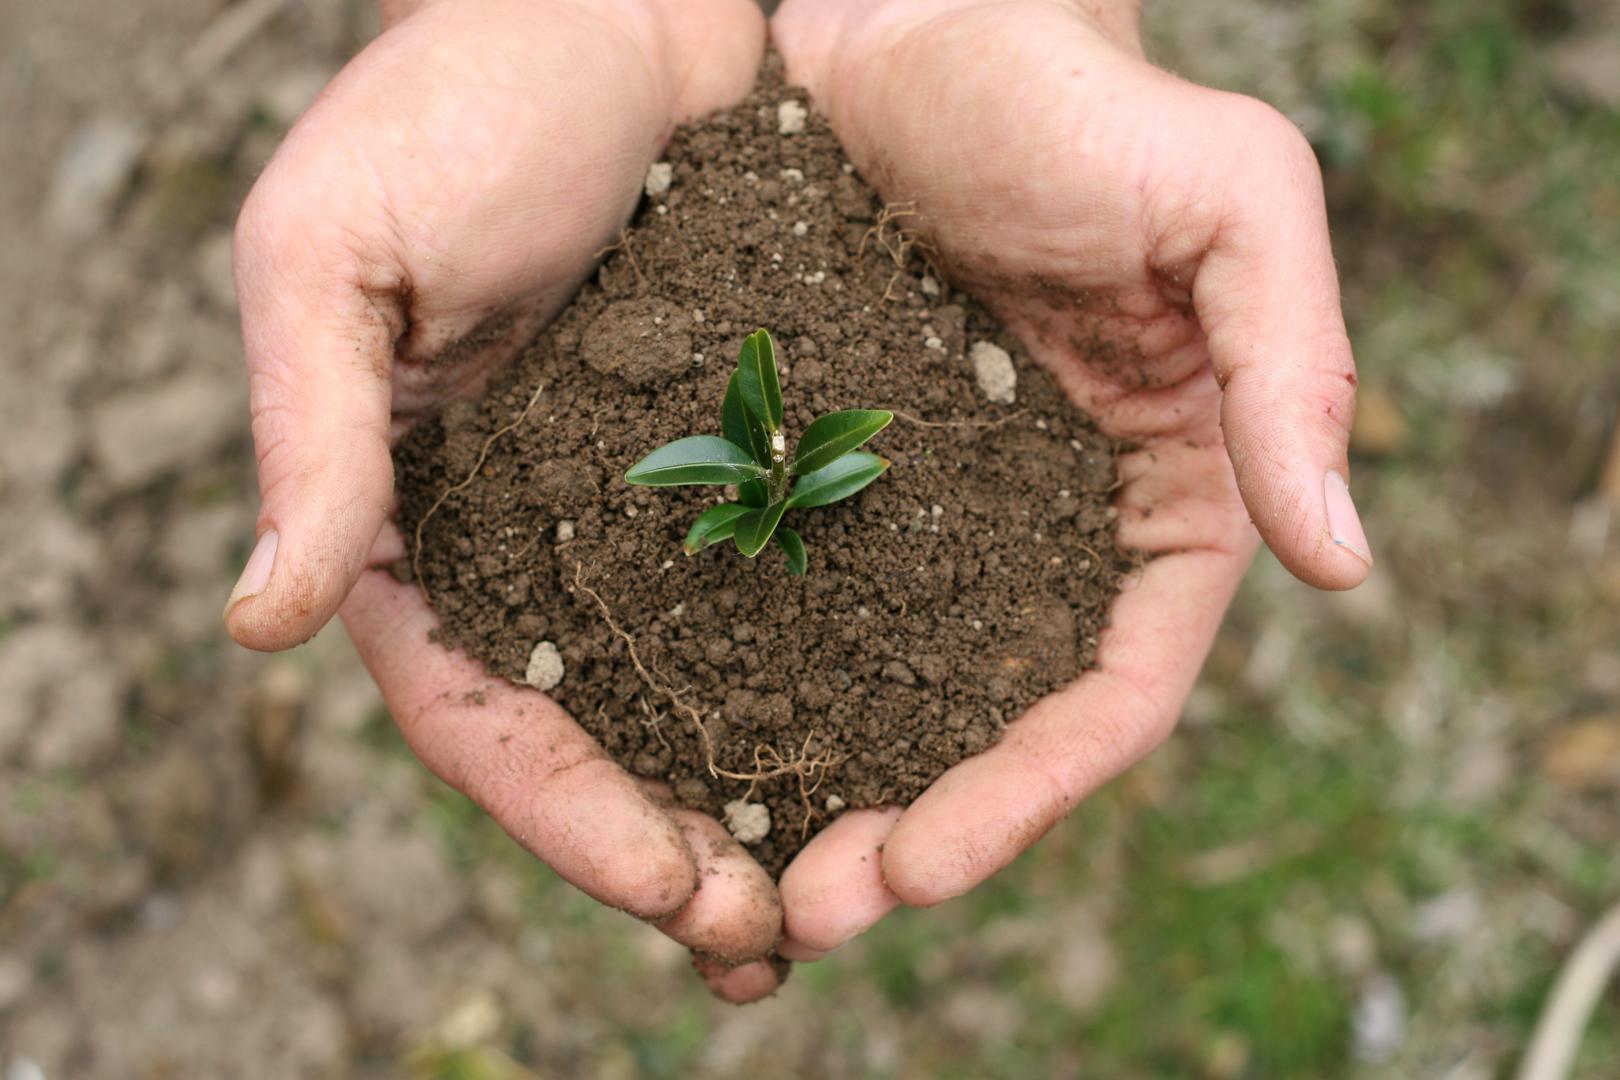 Hands-holding-soil.jpg